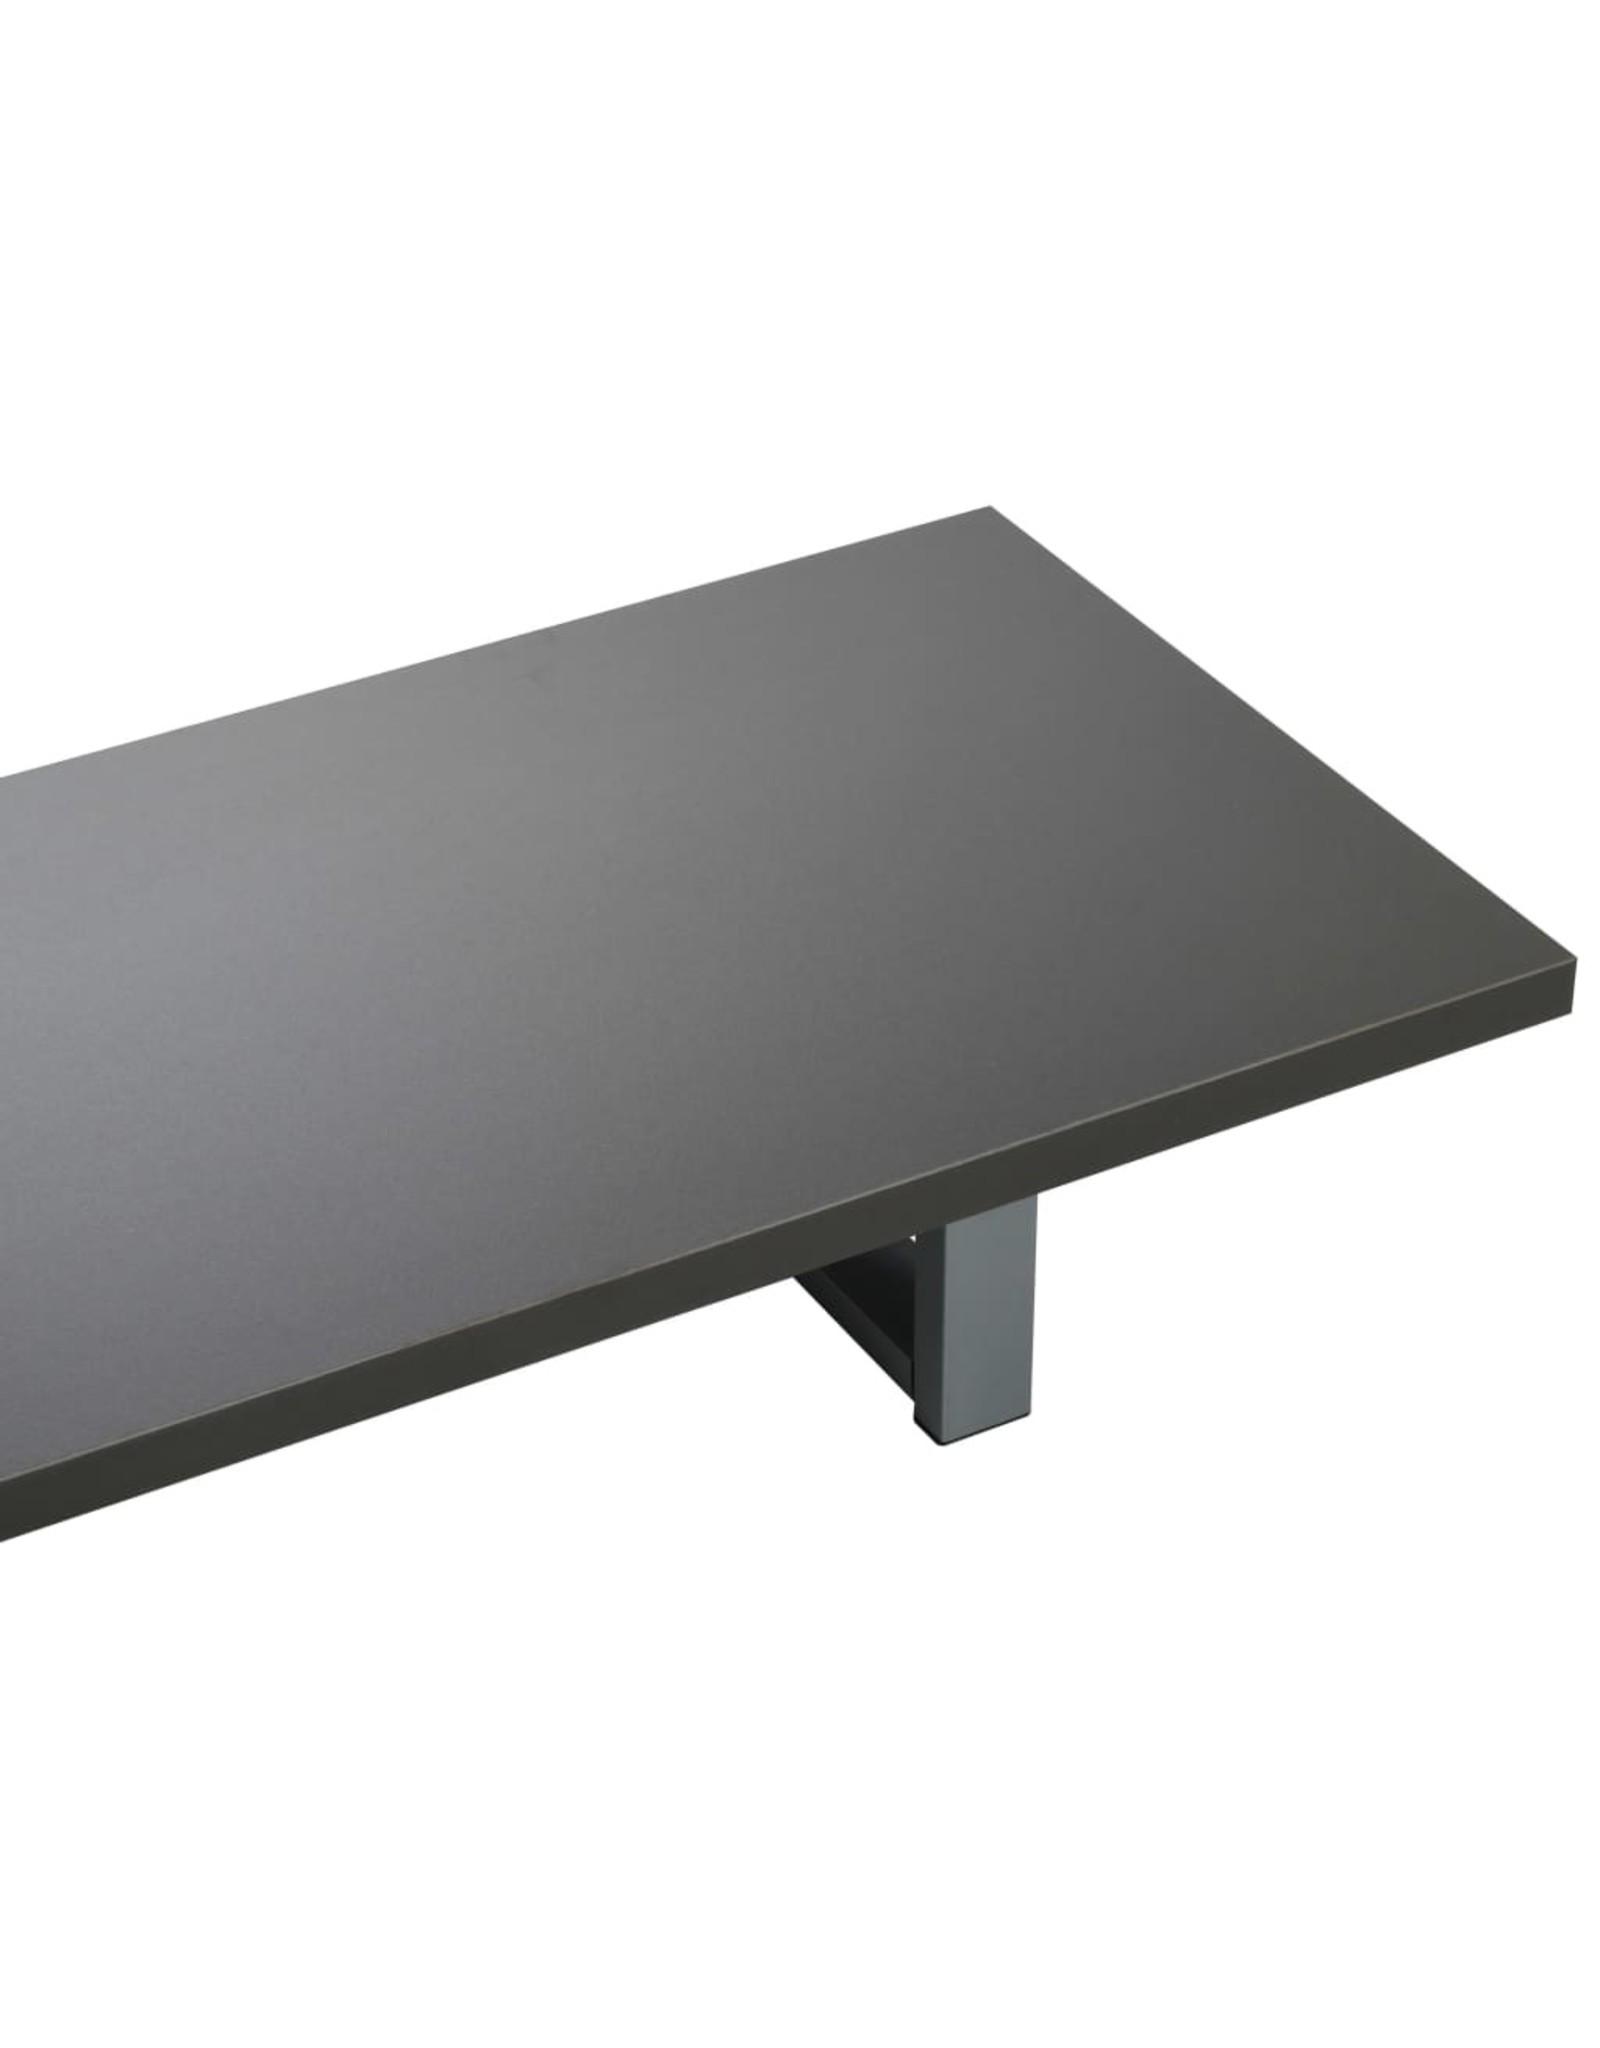 Badkamermeubel 160x40x16,3 cm grijs